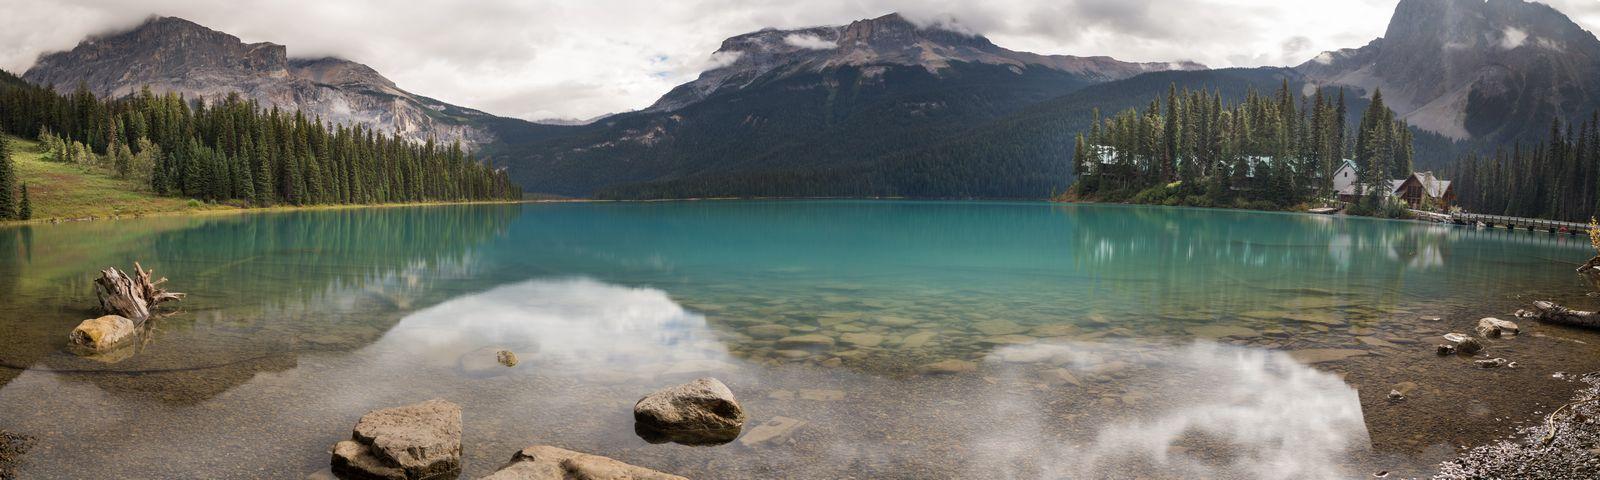 Emerald Lake, ahora desde la orilla opuesta